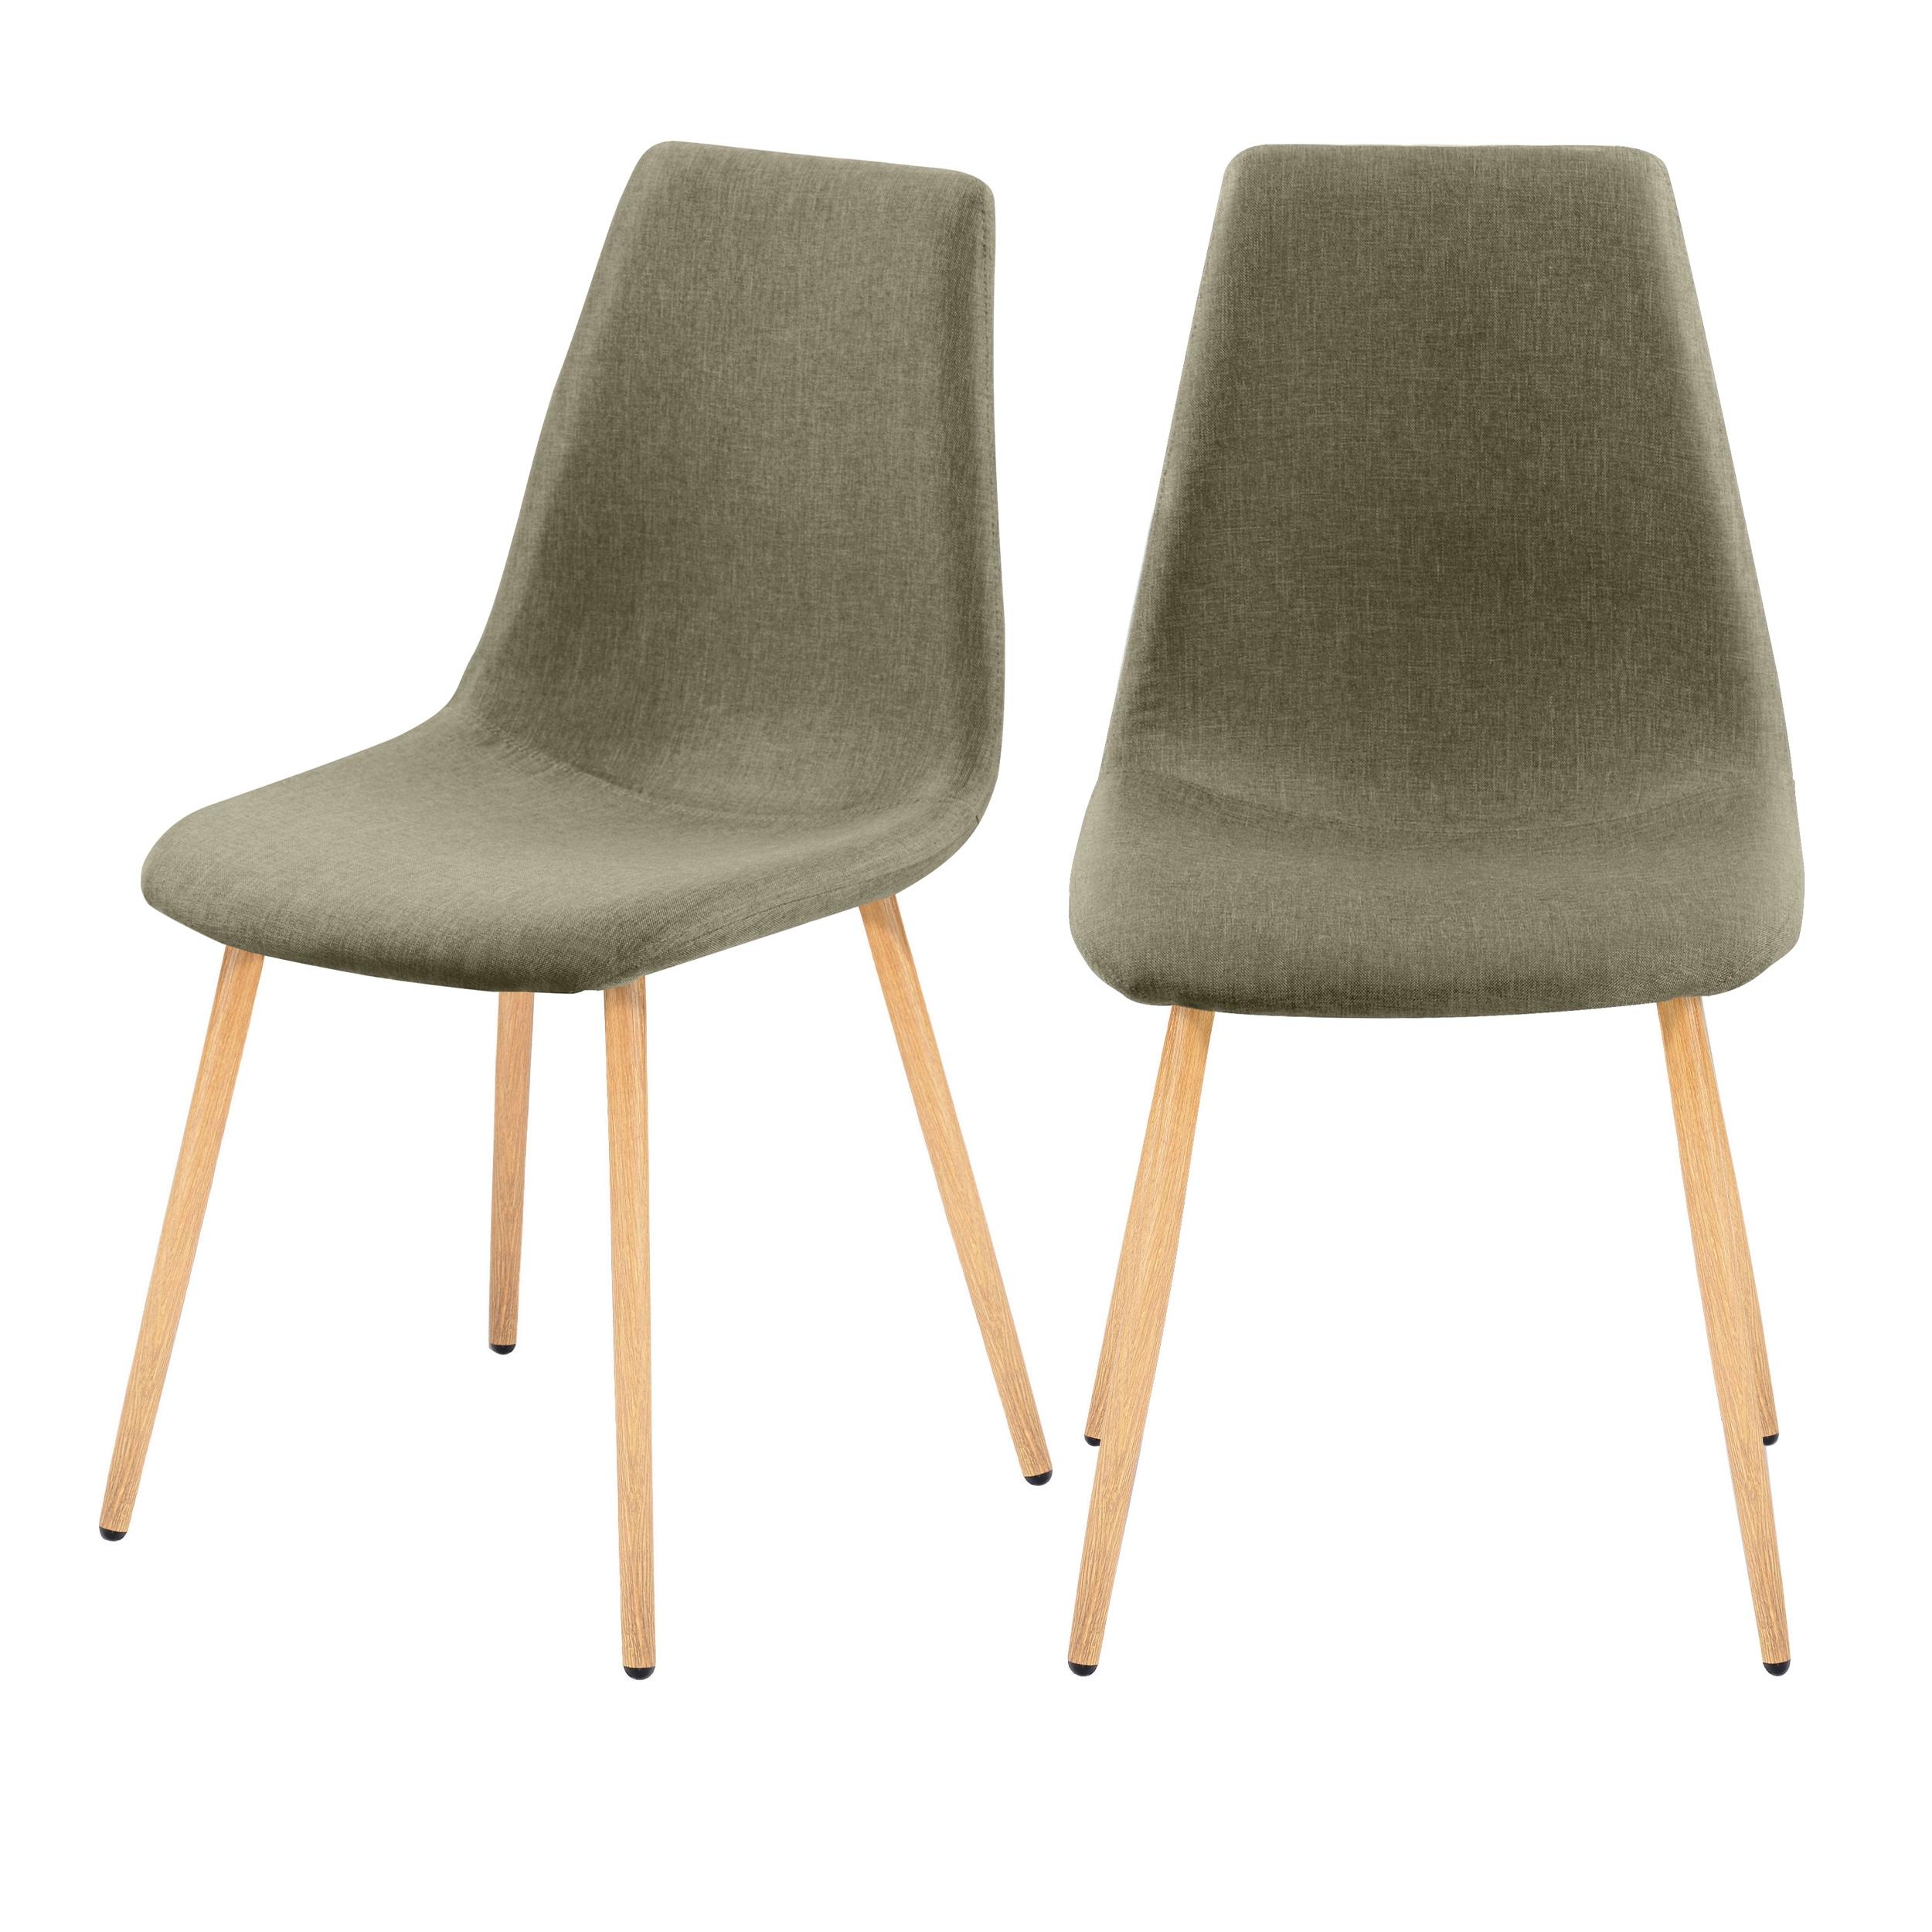 Chaise en tissu taupe (lot de 2)